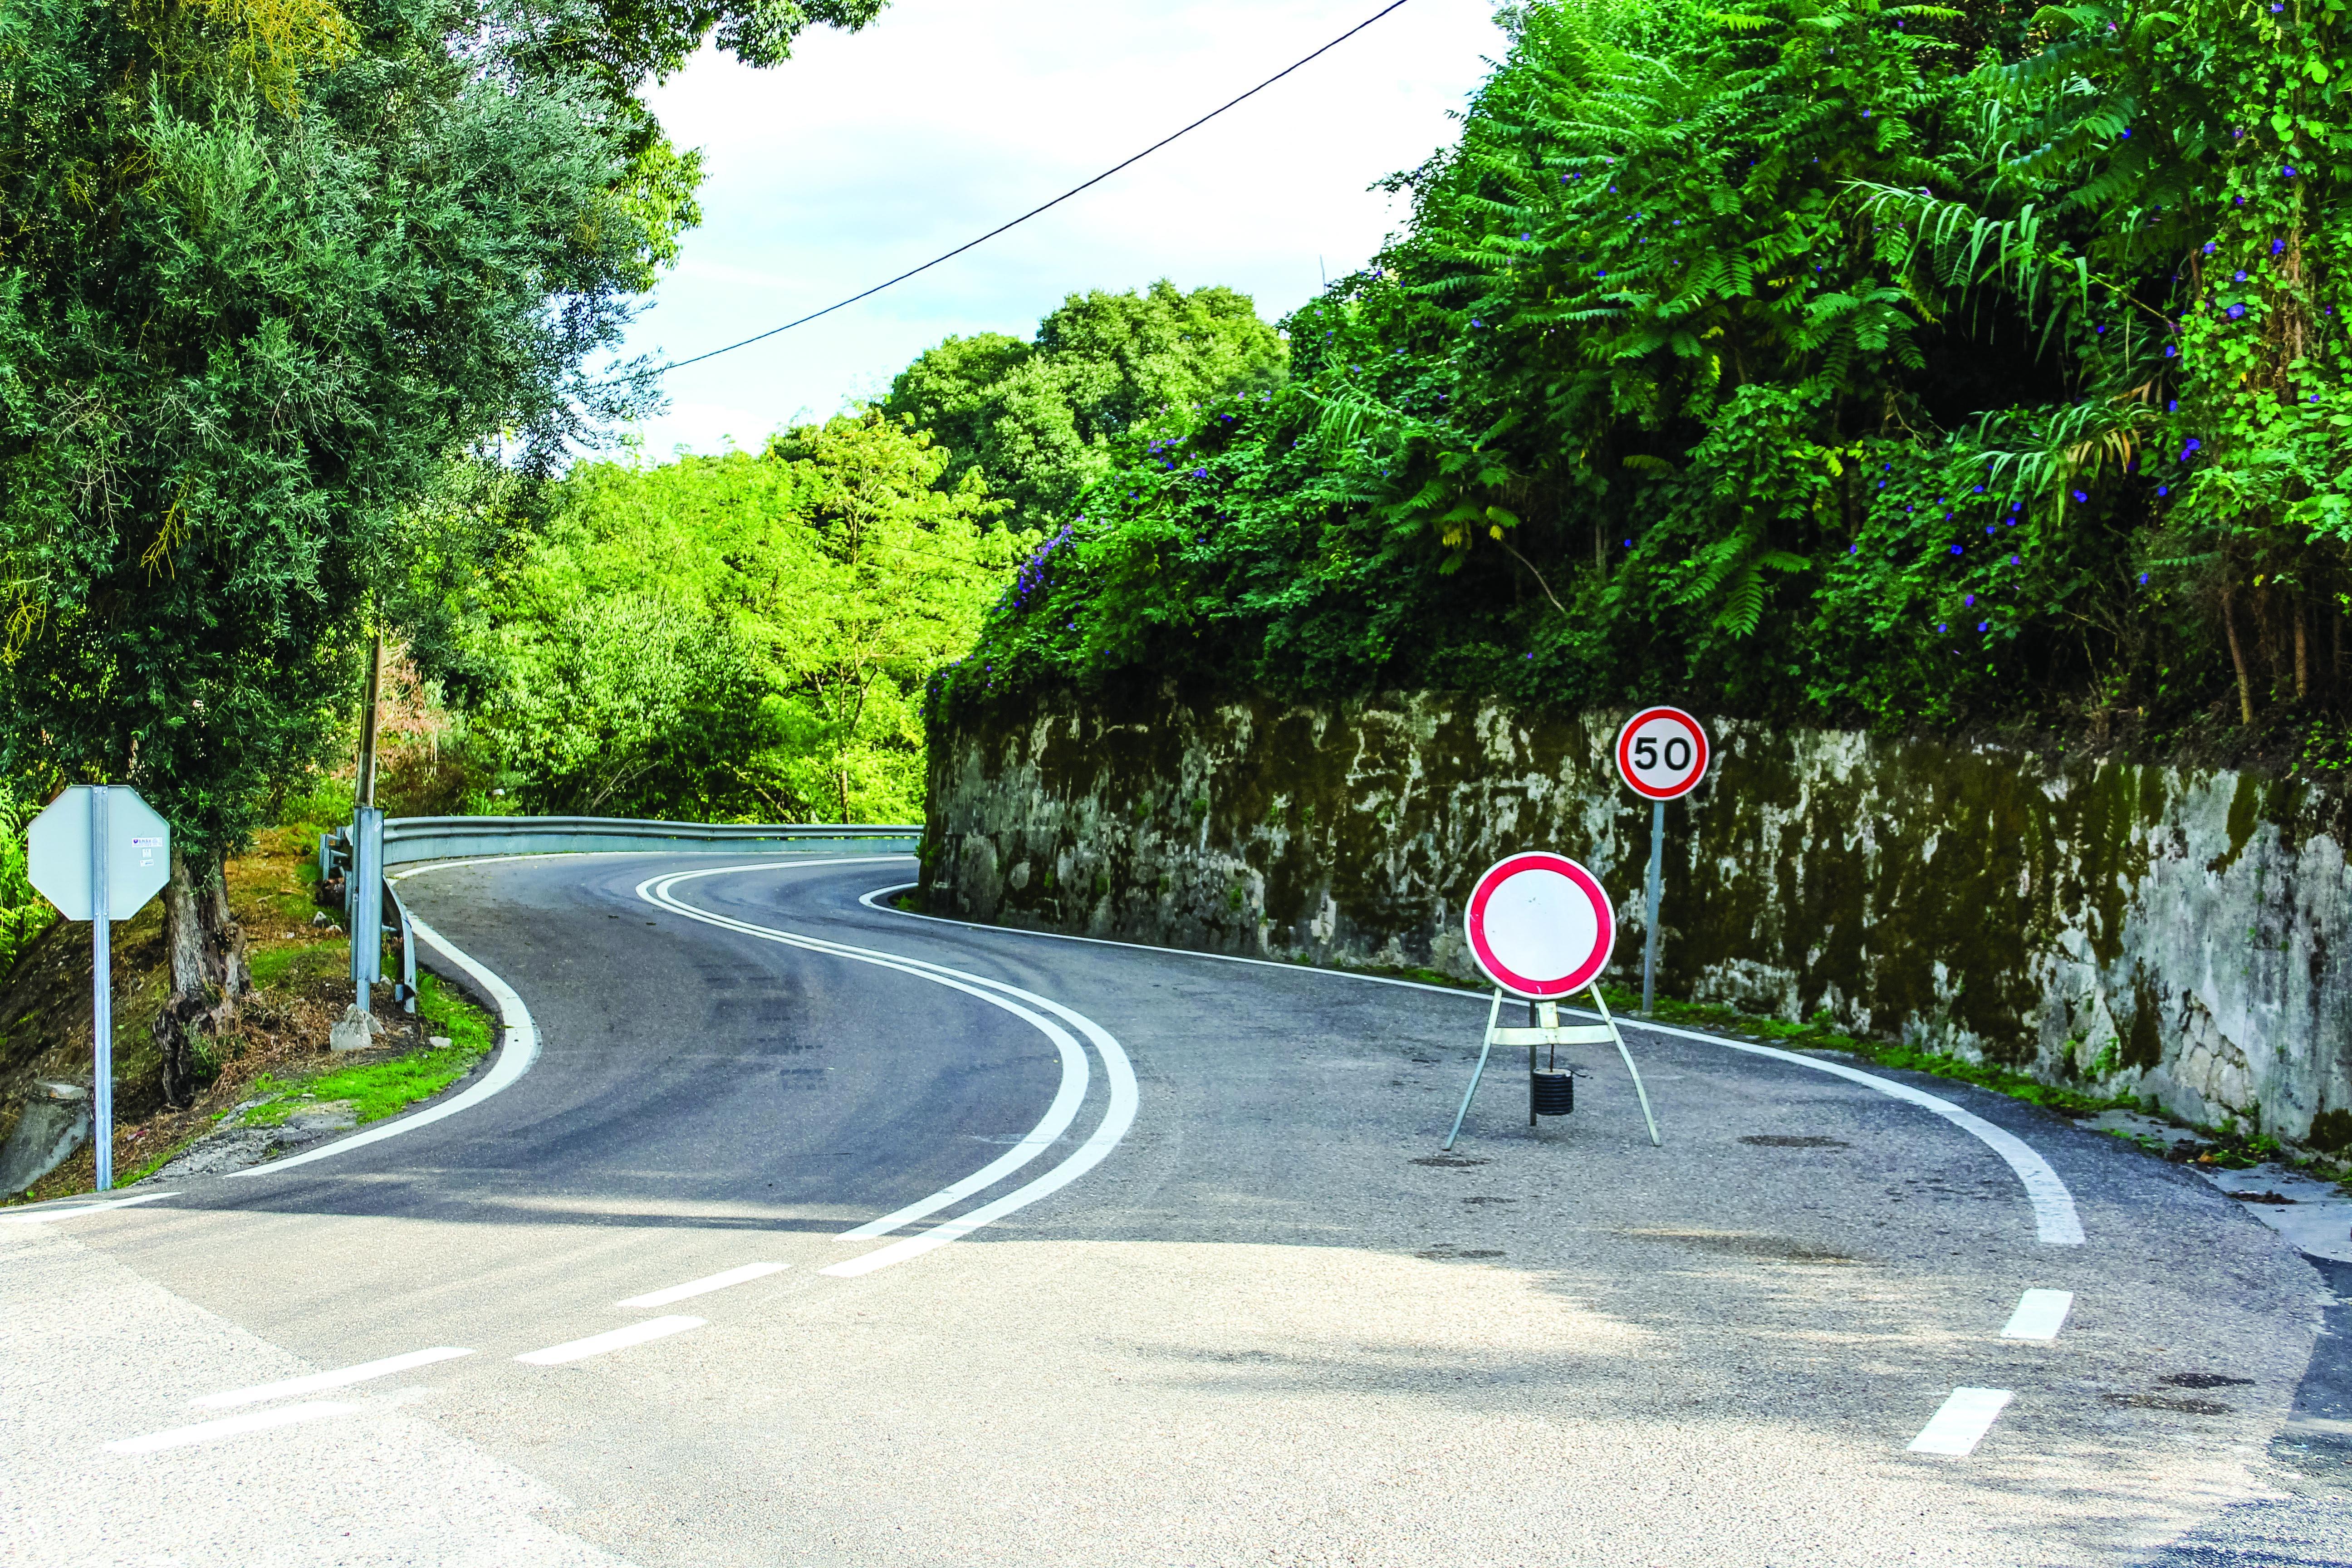 Troço da EN114 em Santarém  novamente fechado ao trânsito devido à chuva